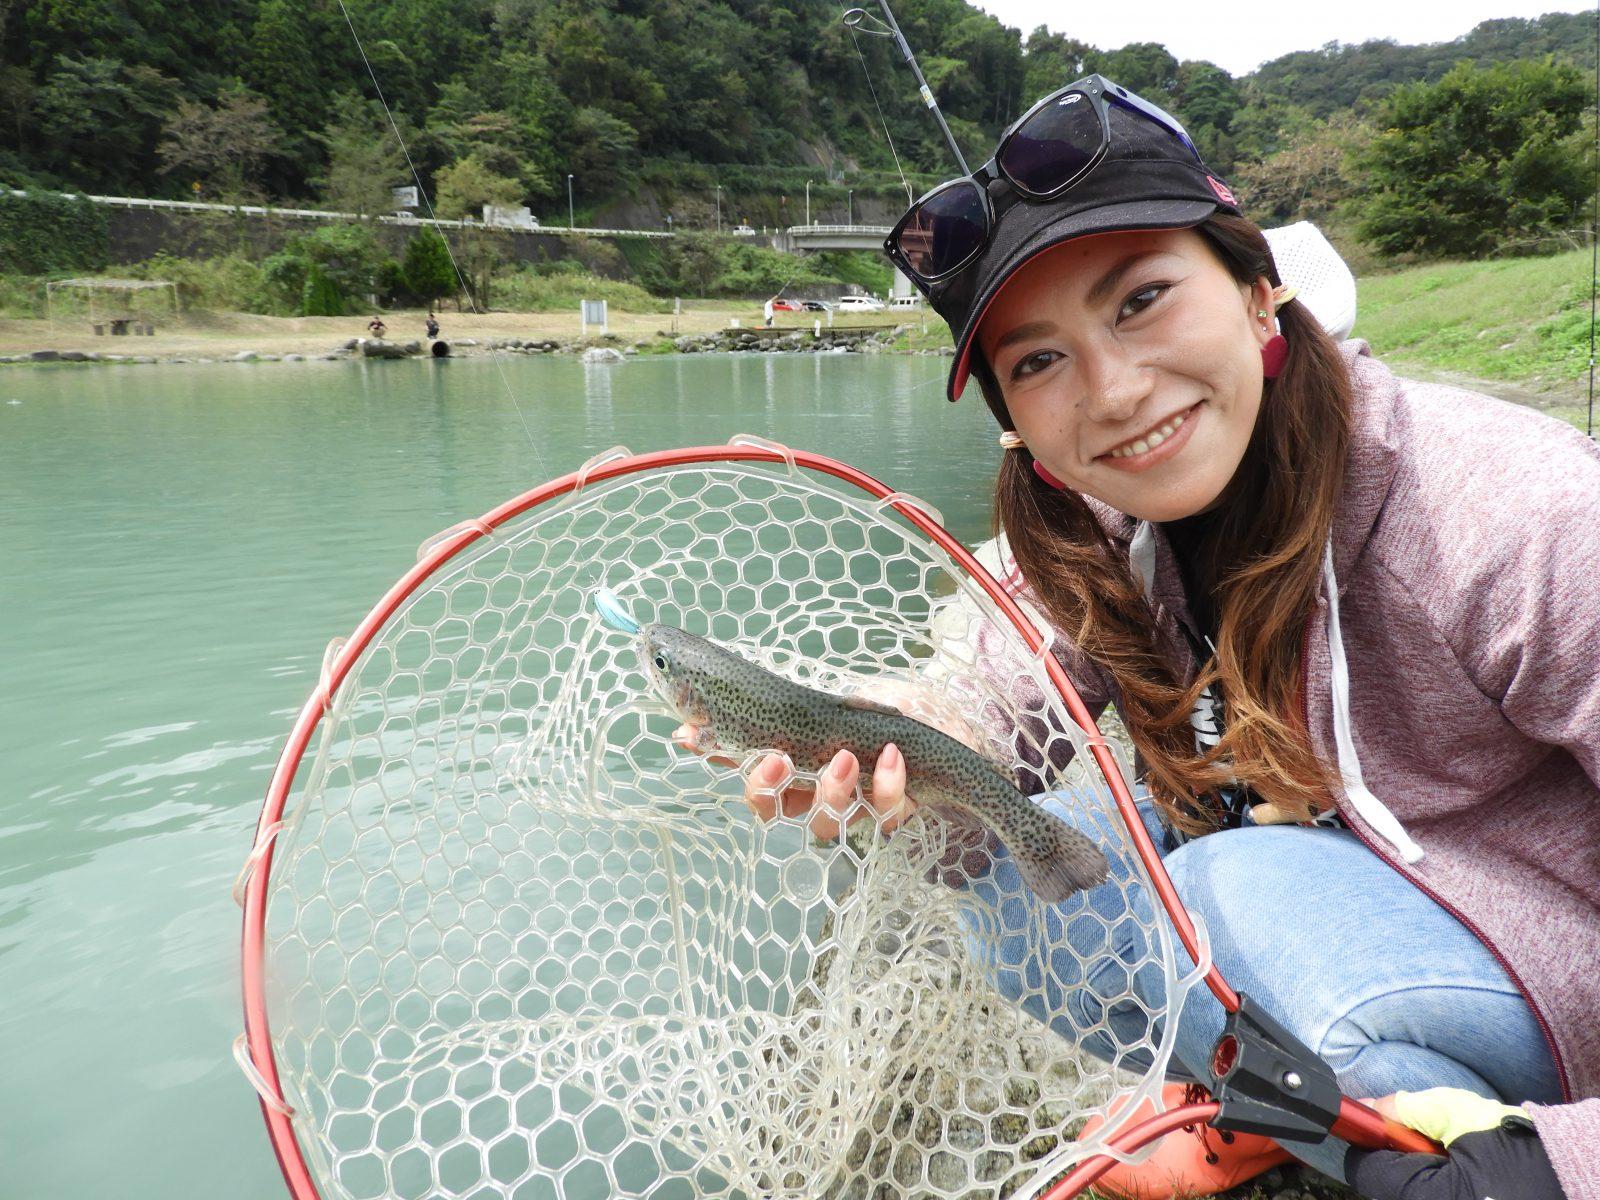 明日の爆朝は、コラボルアー企画第3弾・トラウトルアーを使った試釣会の様子をレポート!